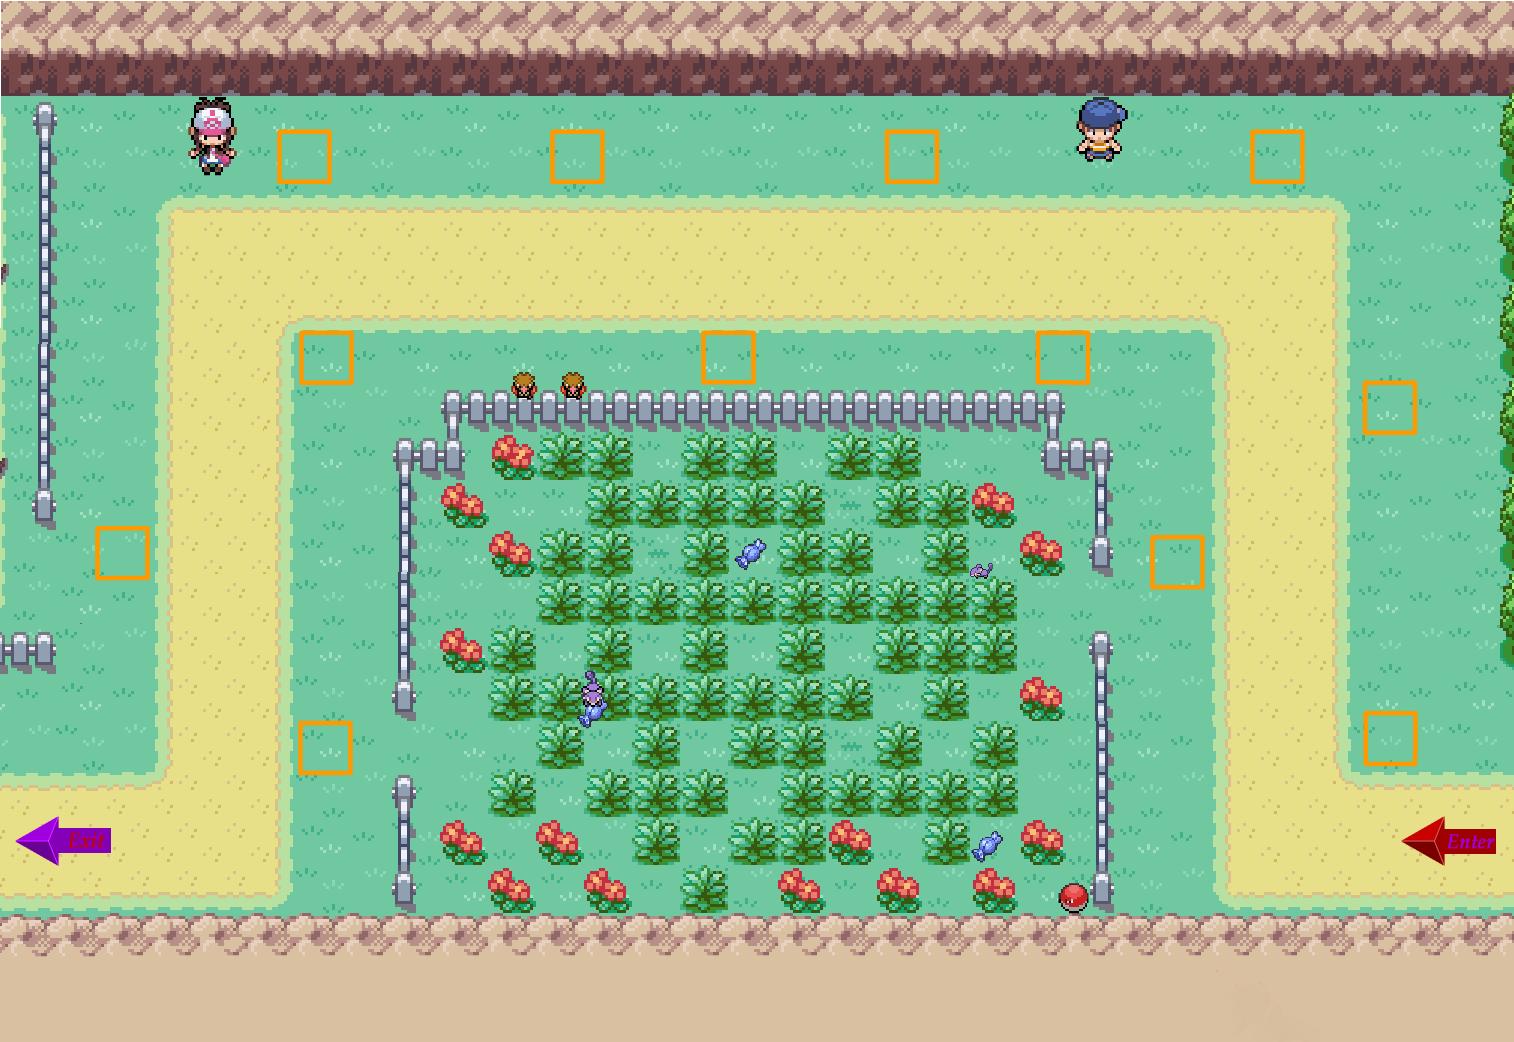 Pokemon center ptd 2 trading center - Layout